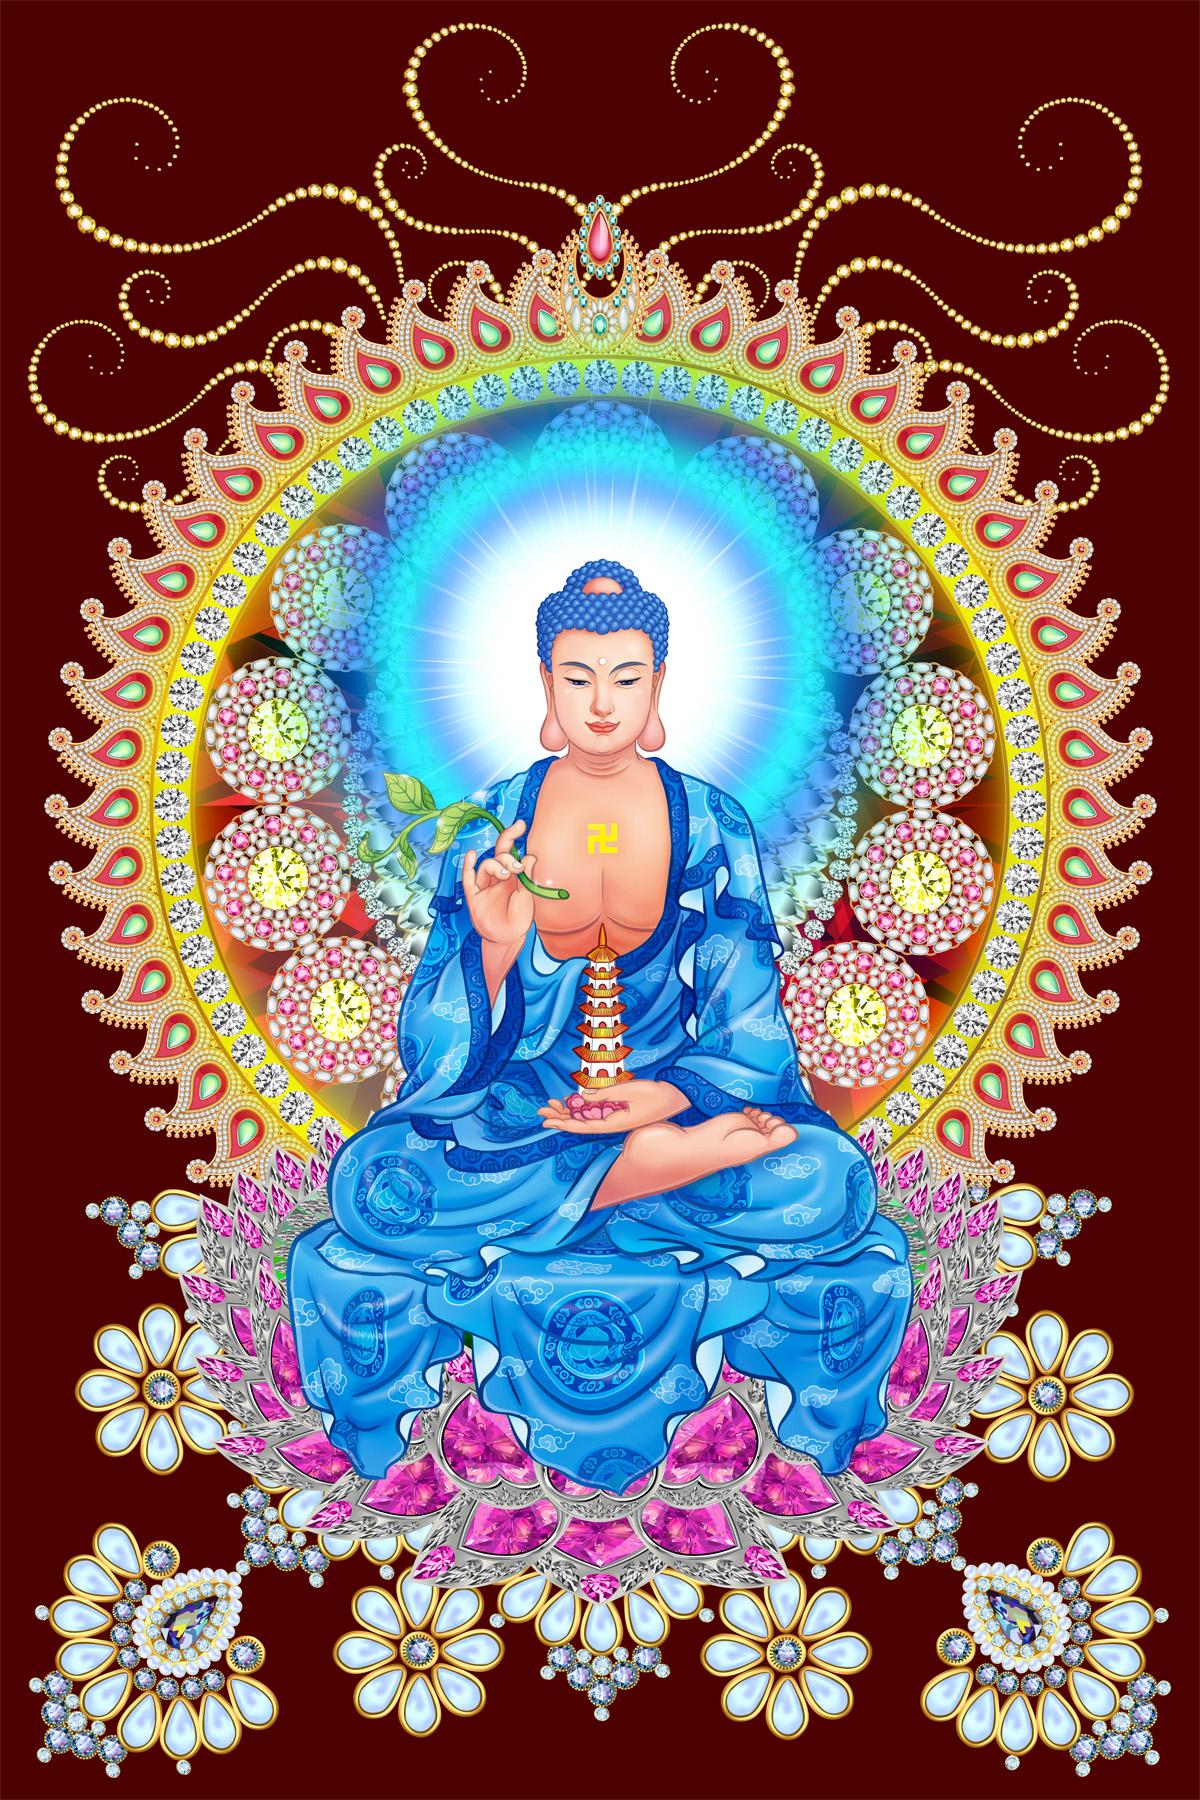 Tôn ảnh chất lượng cao Phật Dược Sư Lưu Ly Quang | HD Images of Medicine Buddha Lapis Lazuli Radiance Tathagata (Bhaisajyaguru) | 南無藥師琉璃光如來